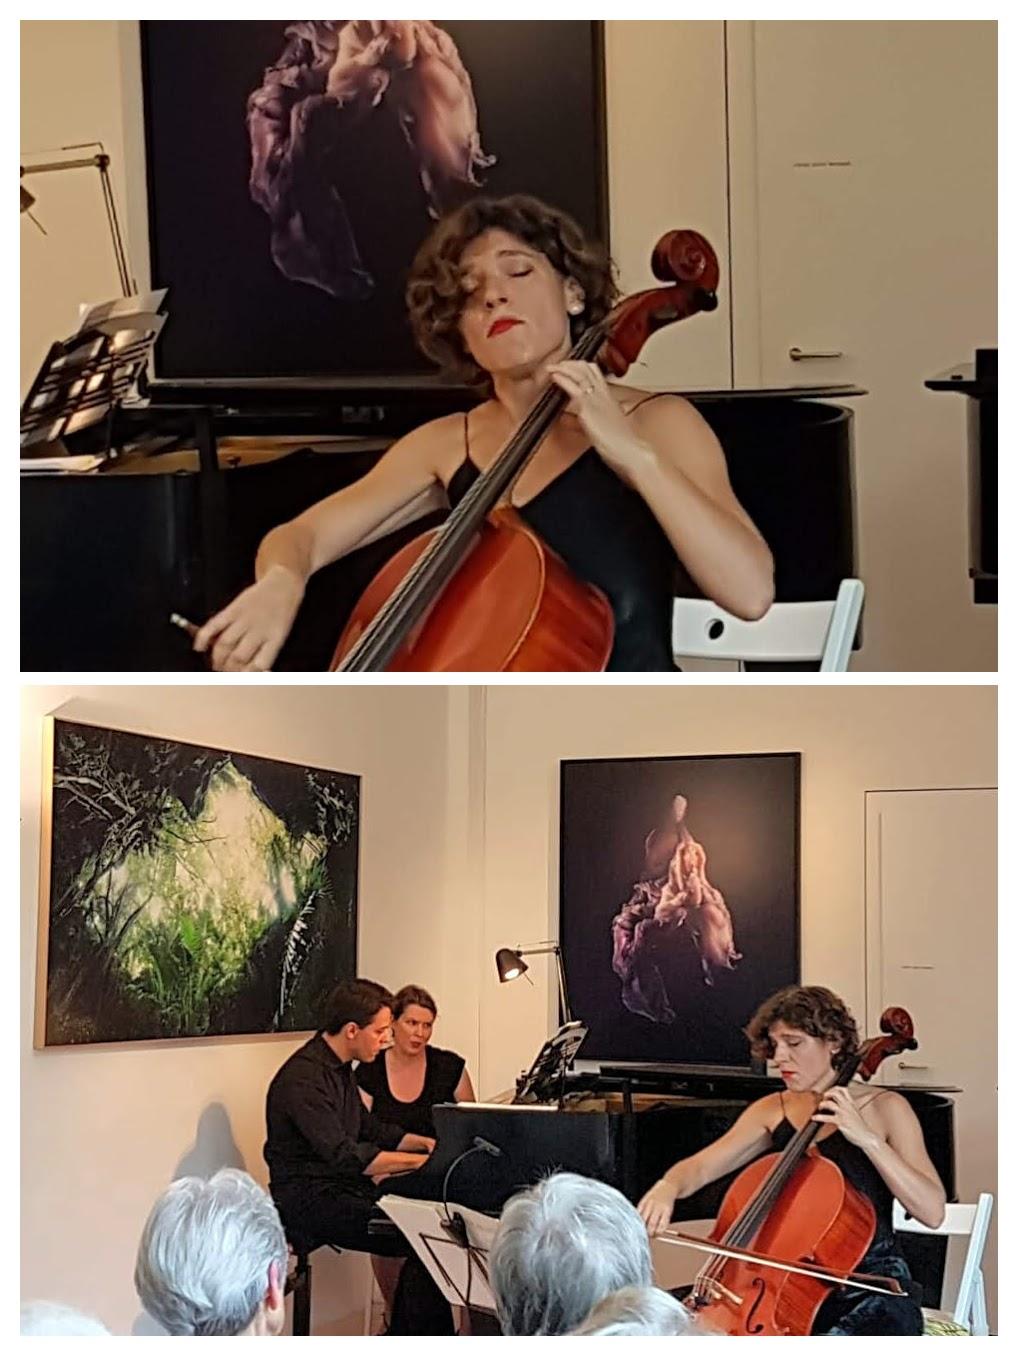 Concert musique de chambre, 09.09.18